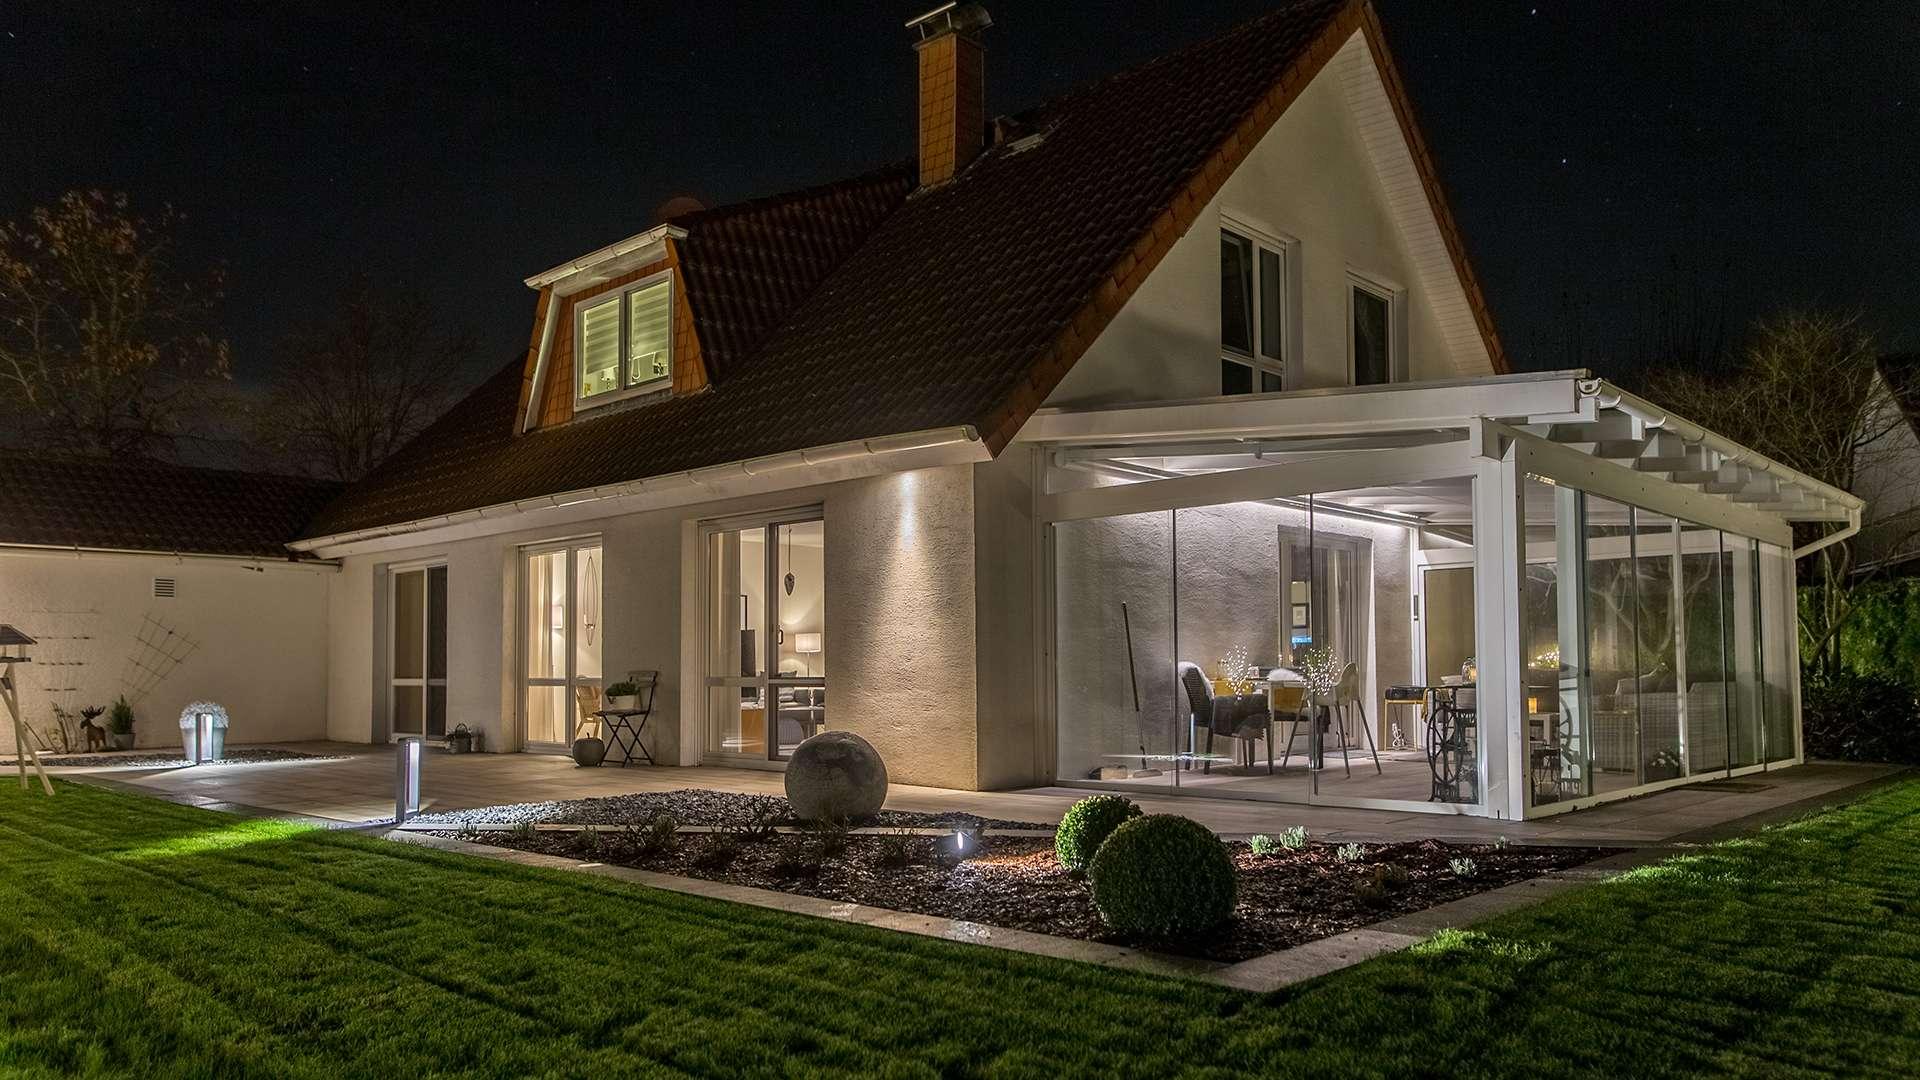 Weißes Wohnhaus mit weißem Wintergarten bei Nacht. Der Wintergarten und die Fenster sind hell erleuchtet.